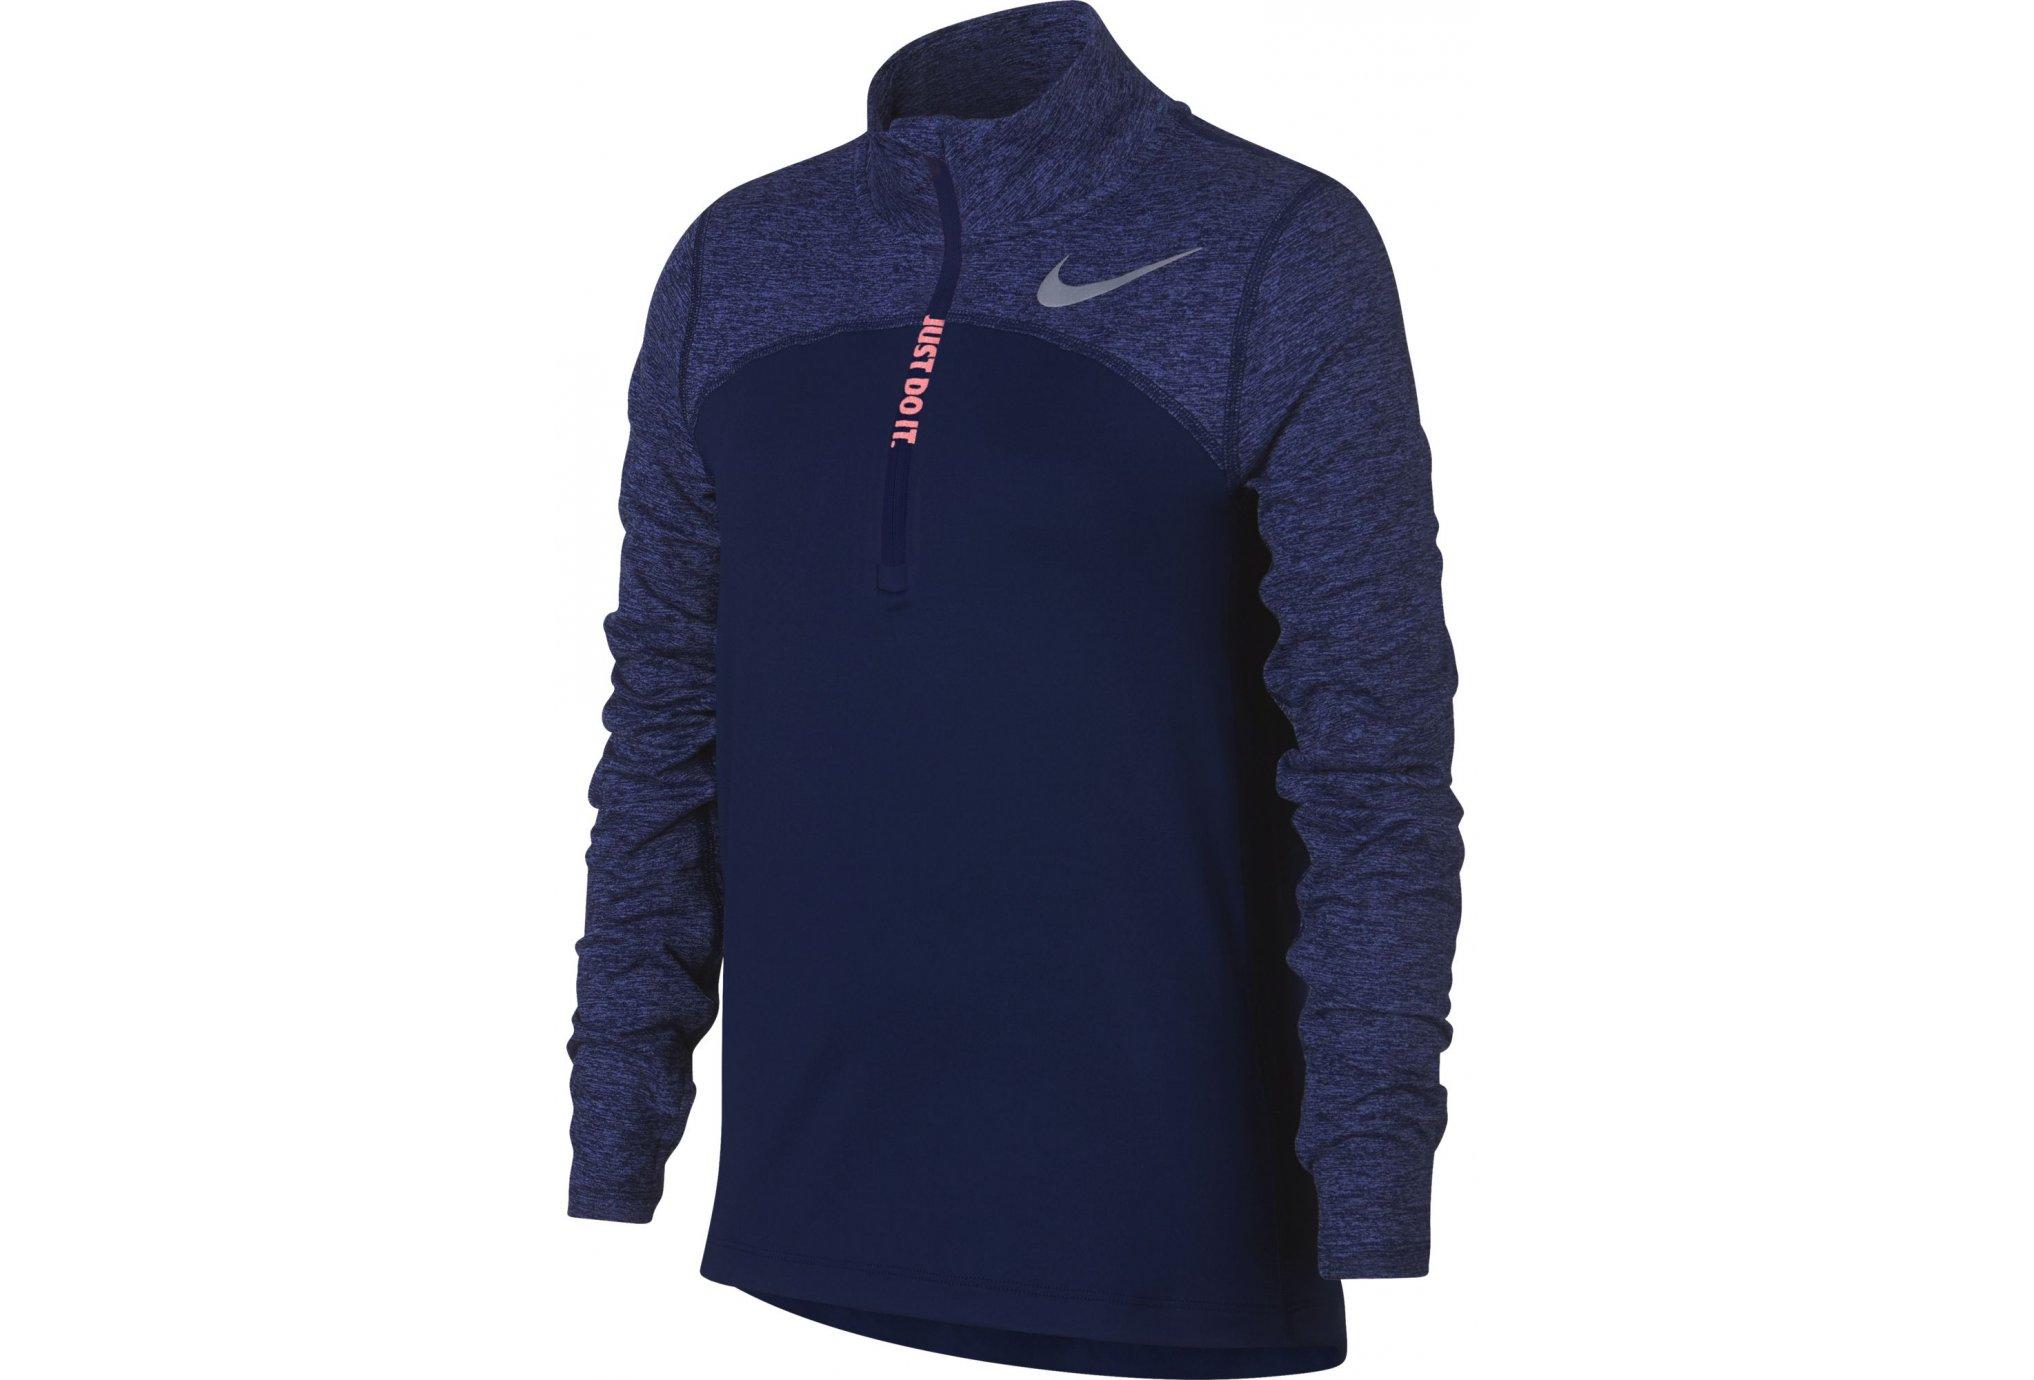 Nike Dry element fille vêtement running femme